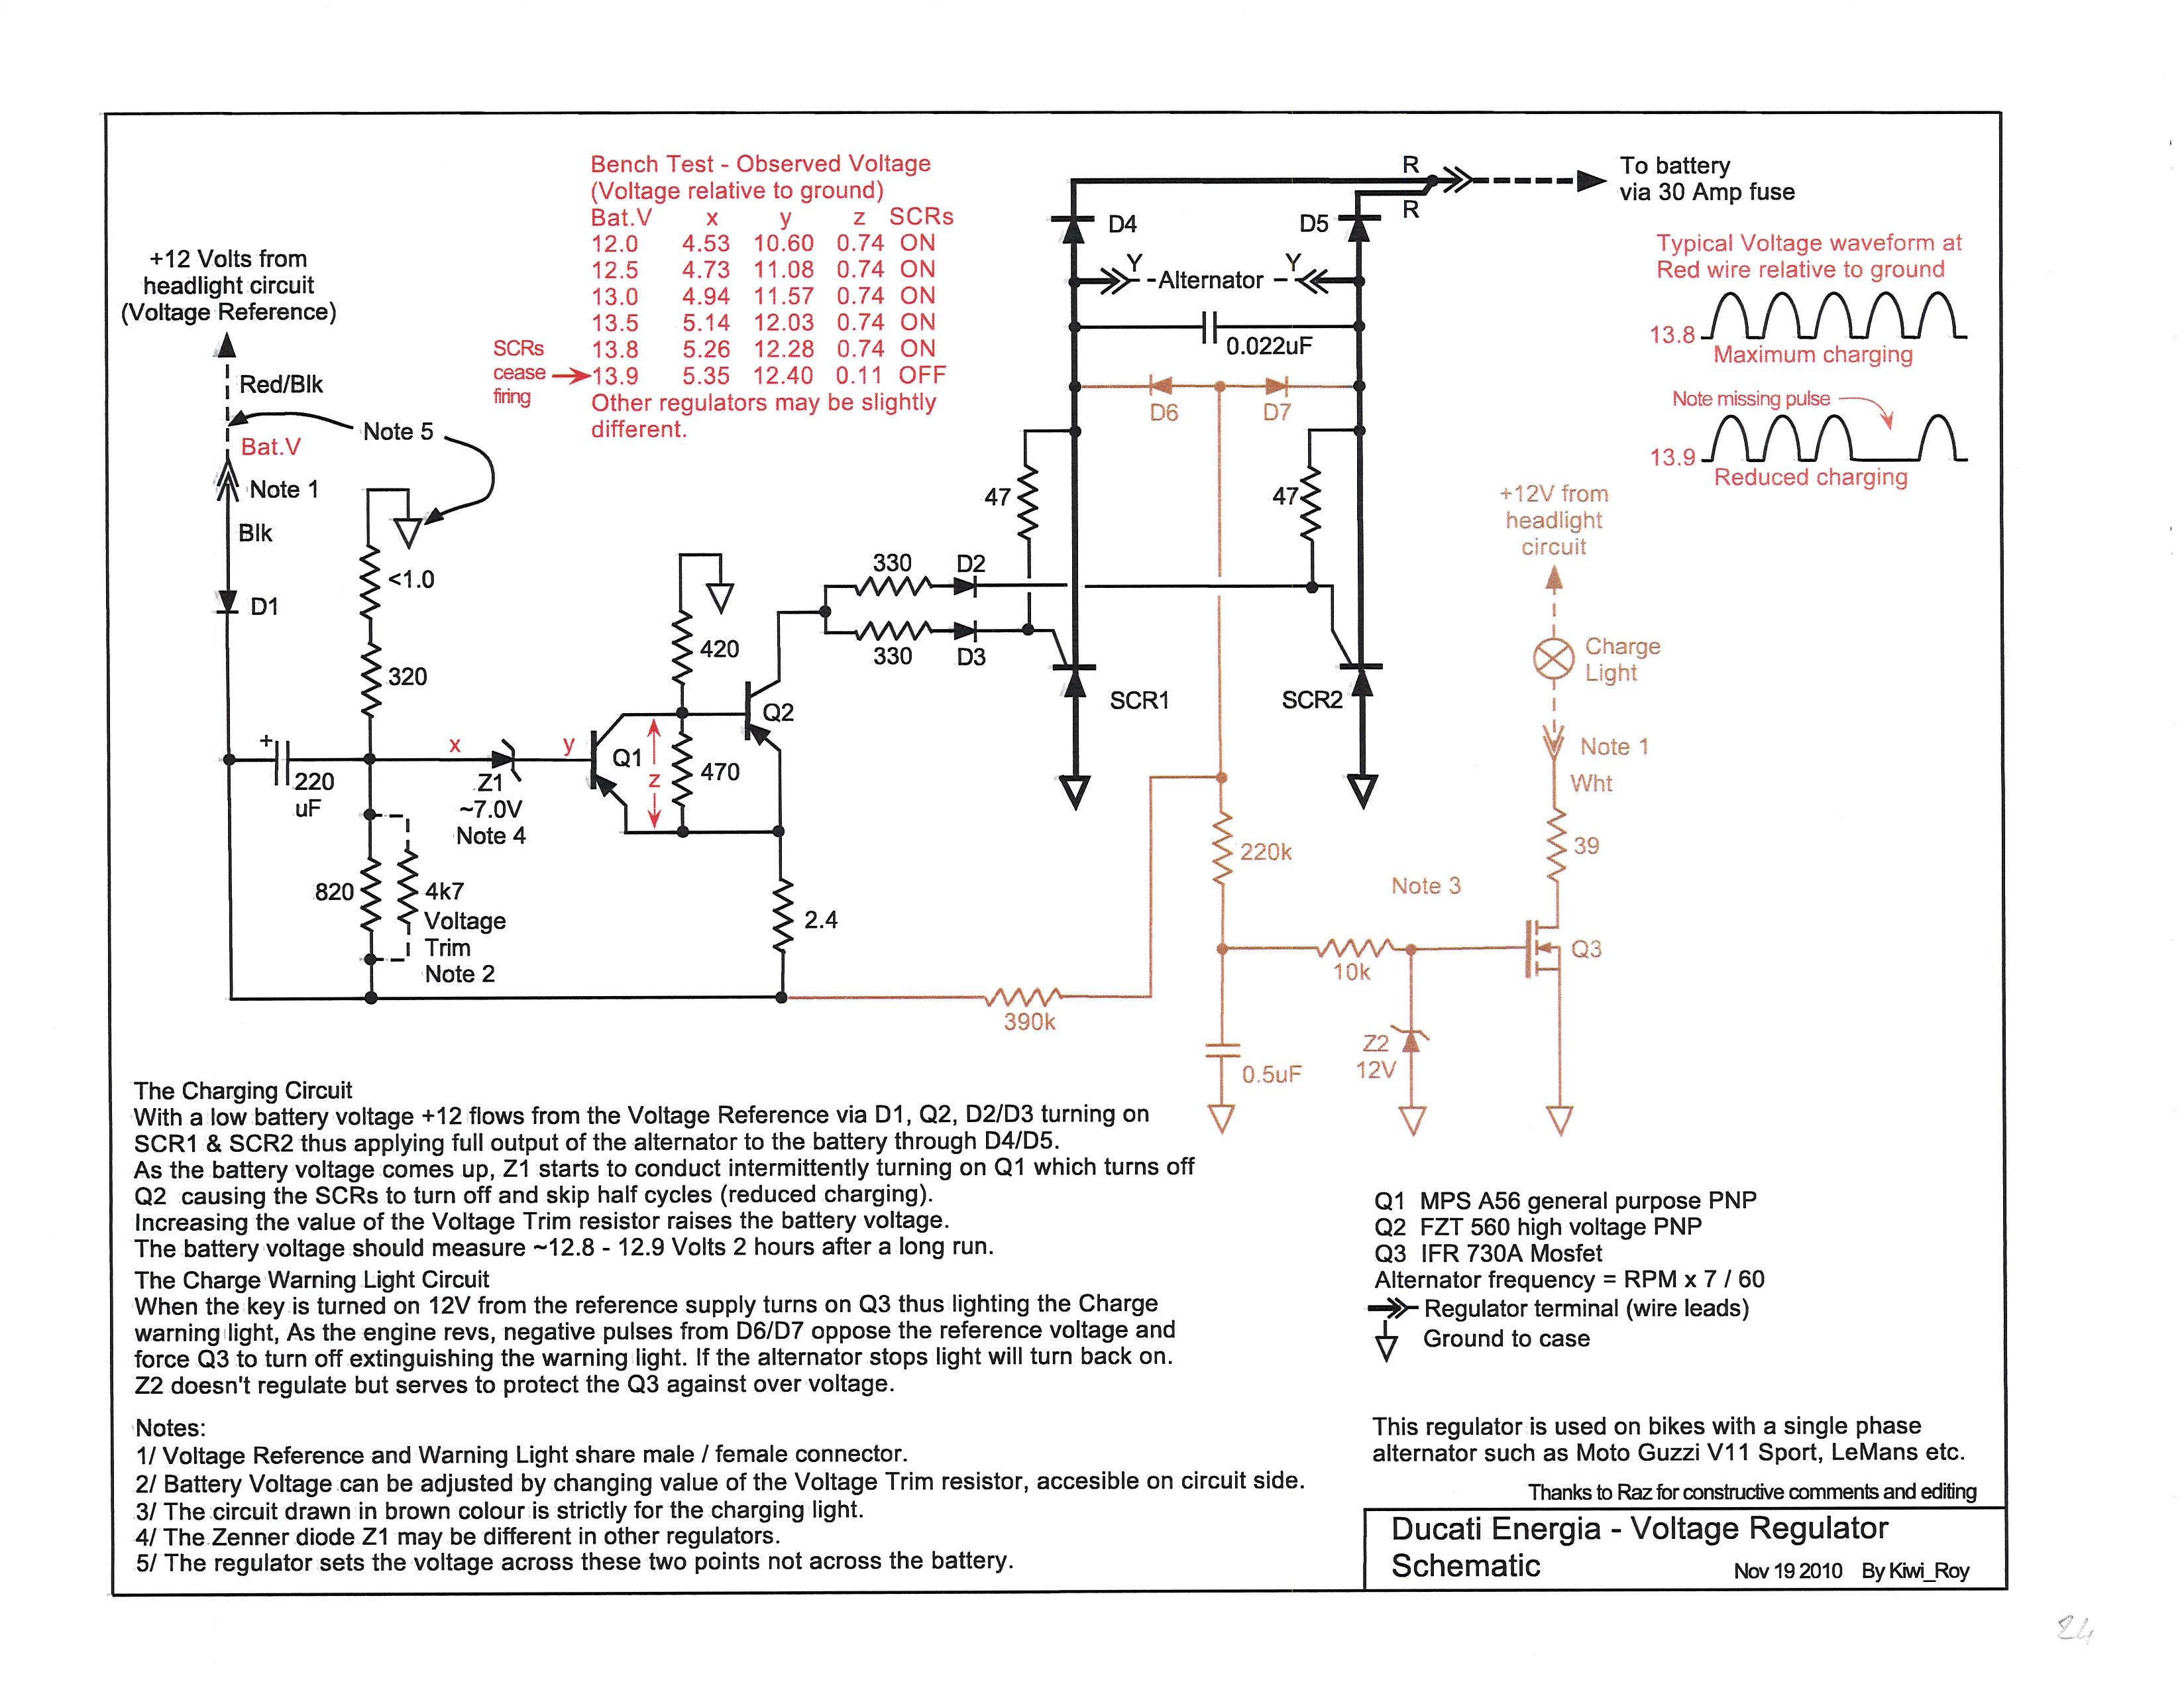 Ducati_Energia_Regulator.jpg